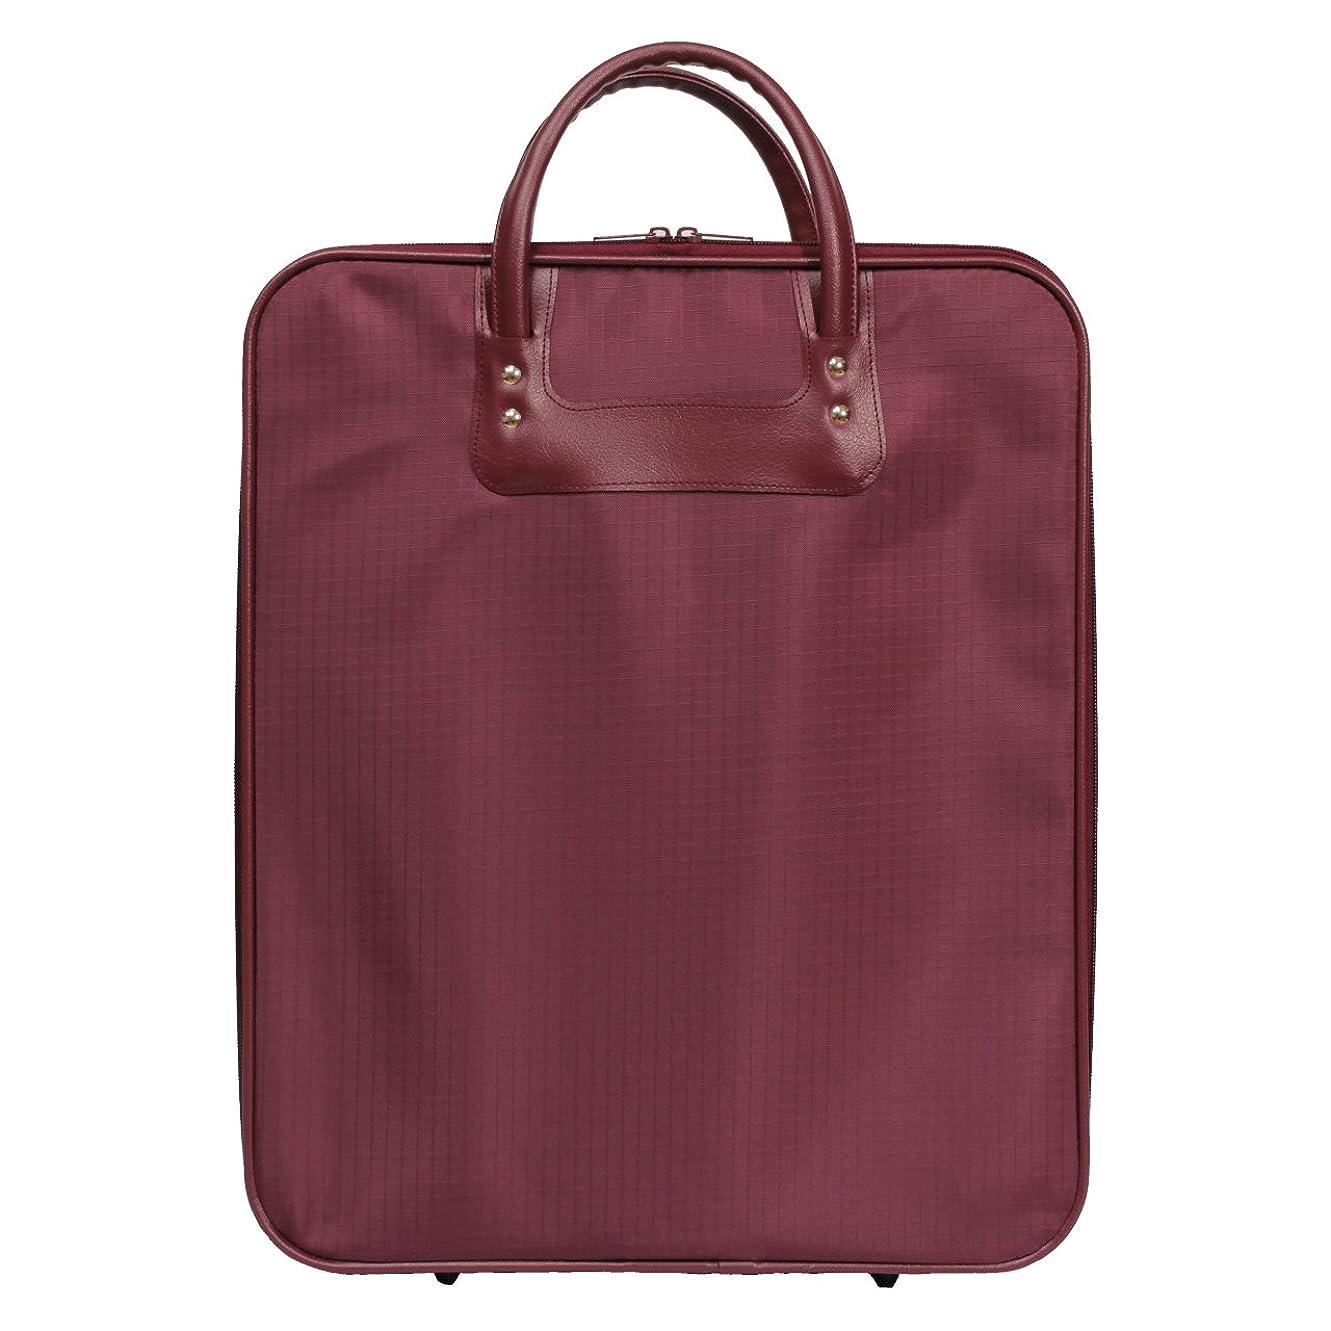 不合格無駄なオプション着物 (きもの) 収納 和装 ケース バッグ エンジと紺の2色展開 日本製